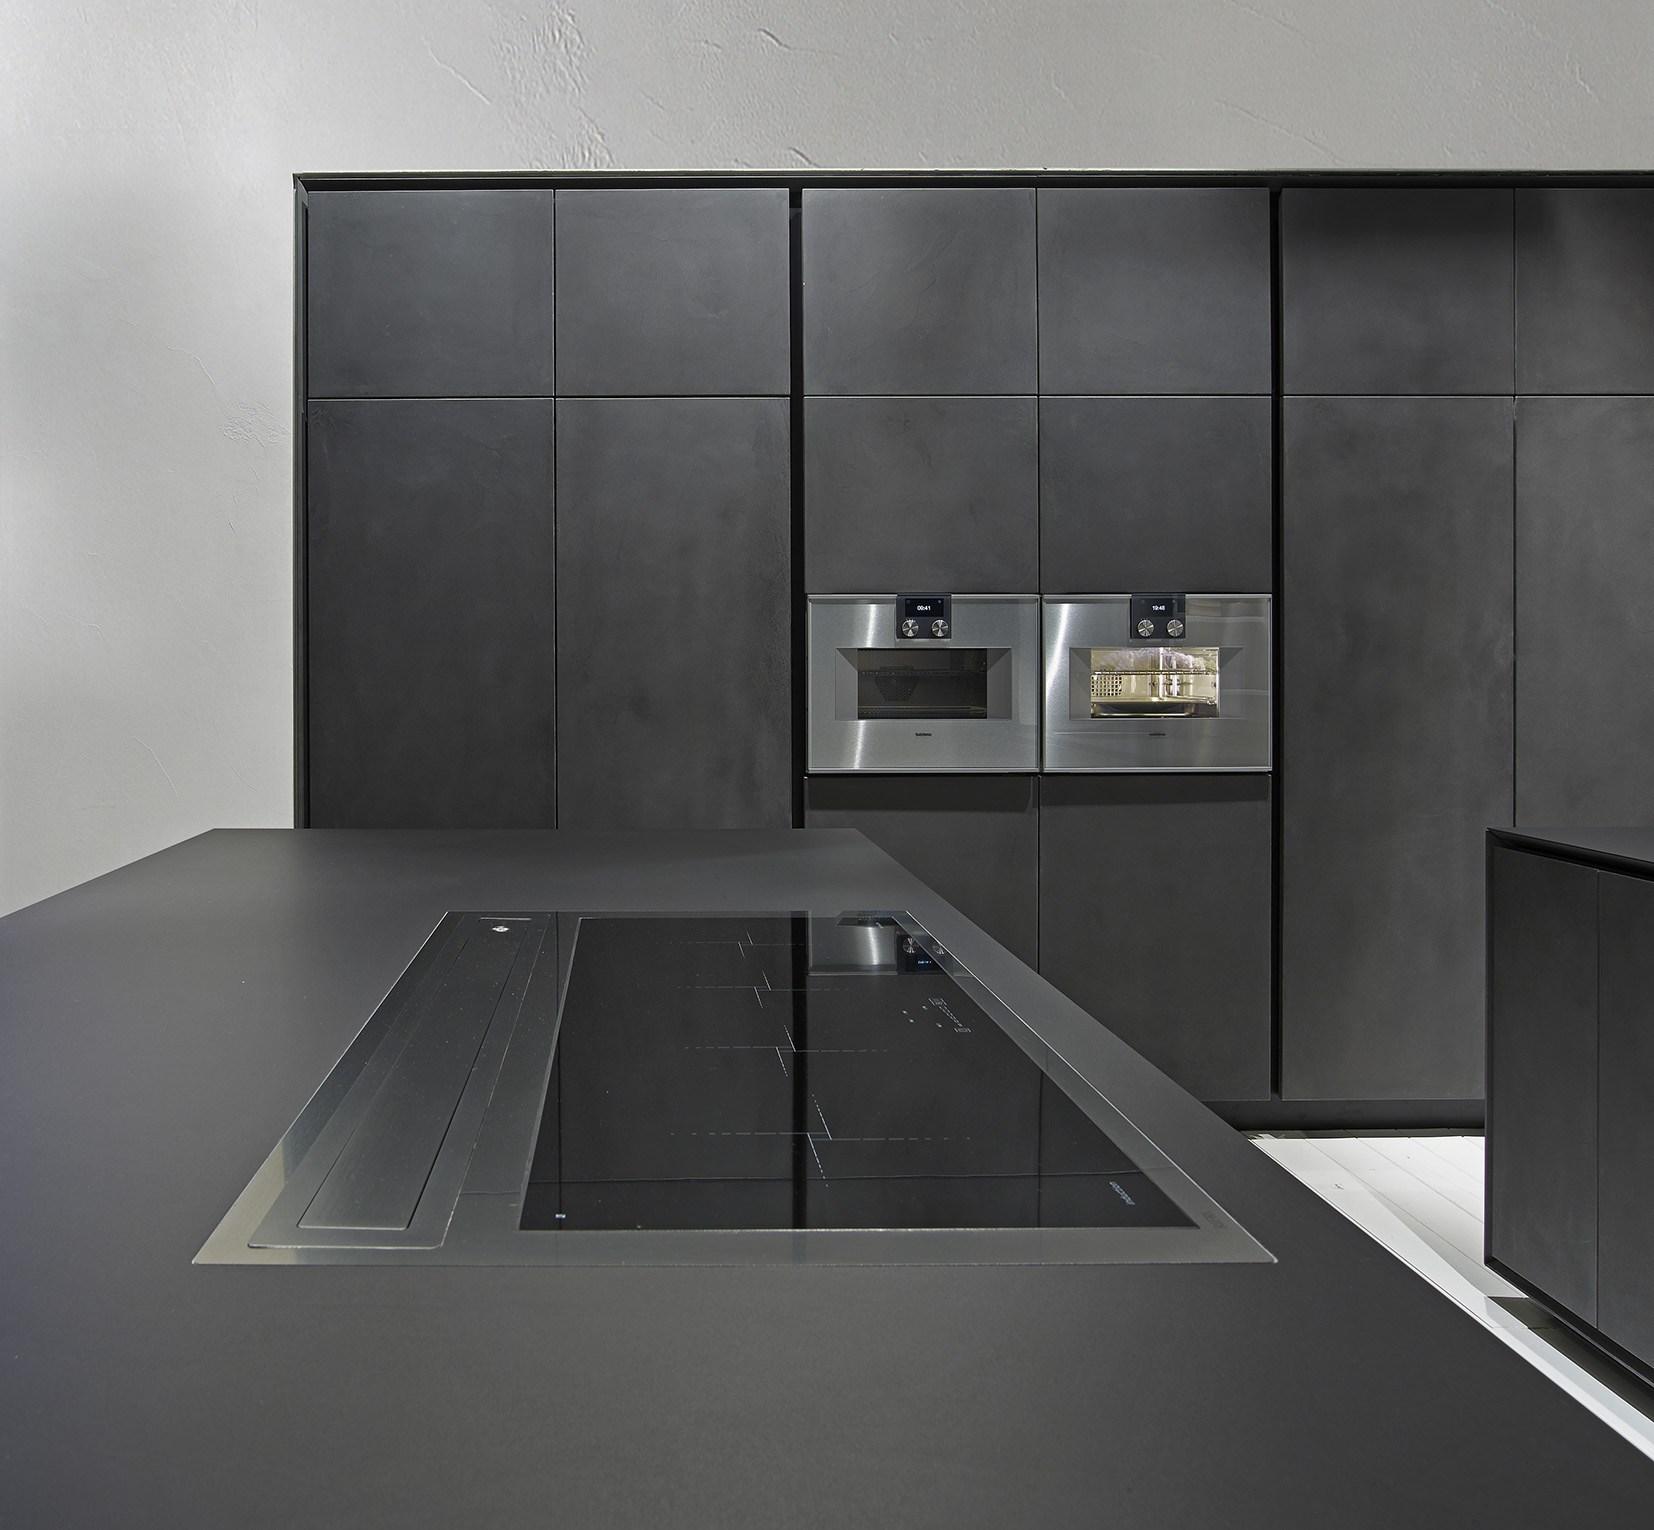 Nuova tendenza nelle cucine 2 c 39 un tempo per ogni cosa - Cucine in cemento ...